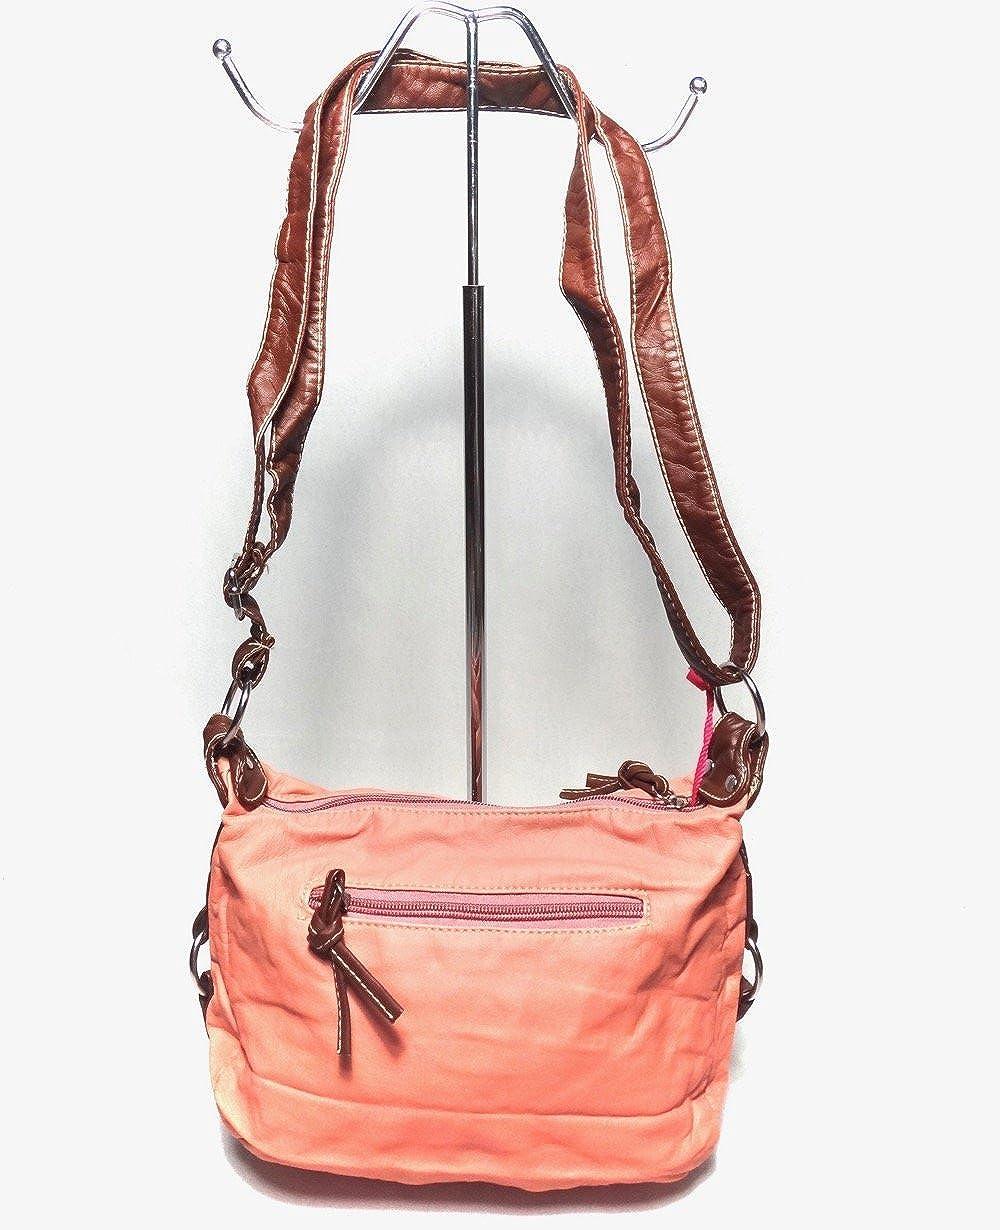 Women Crossbody Bag Handbags for Fashion Women PU Leather Ladies Tote Bags Fashion